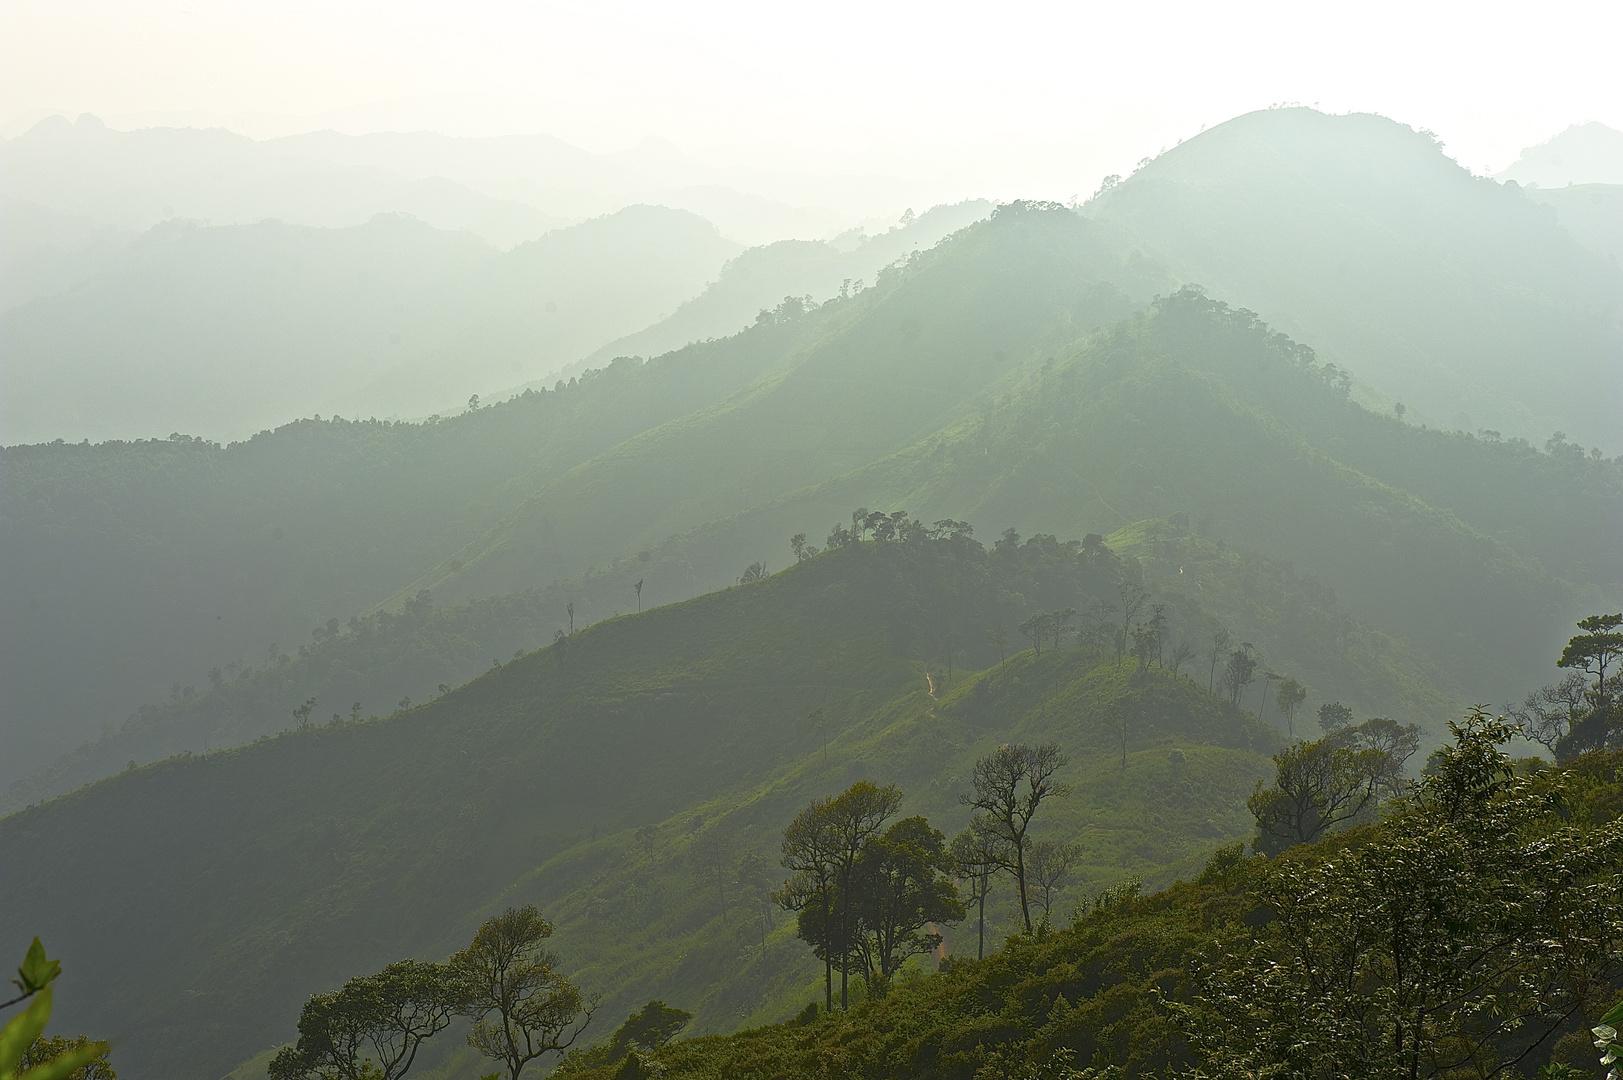 Typische Stimmung in den Bergen zwischen VangVieng und Phou Khoun